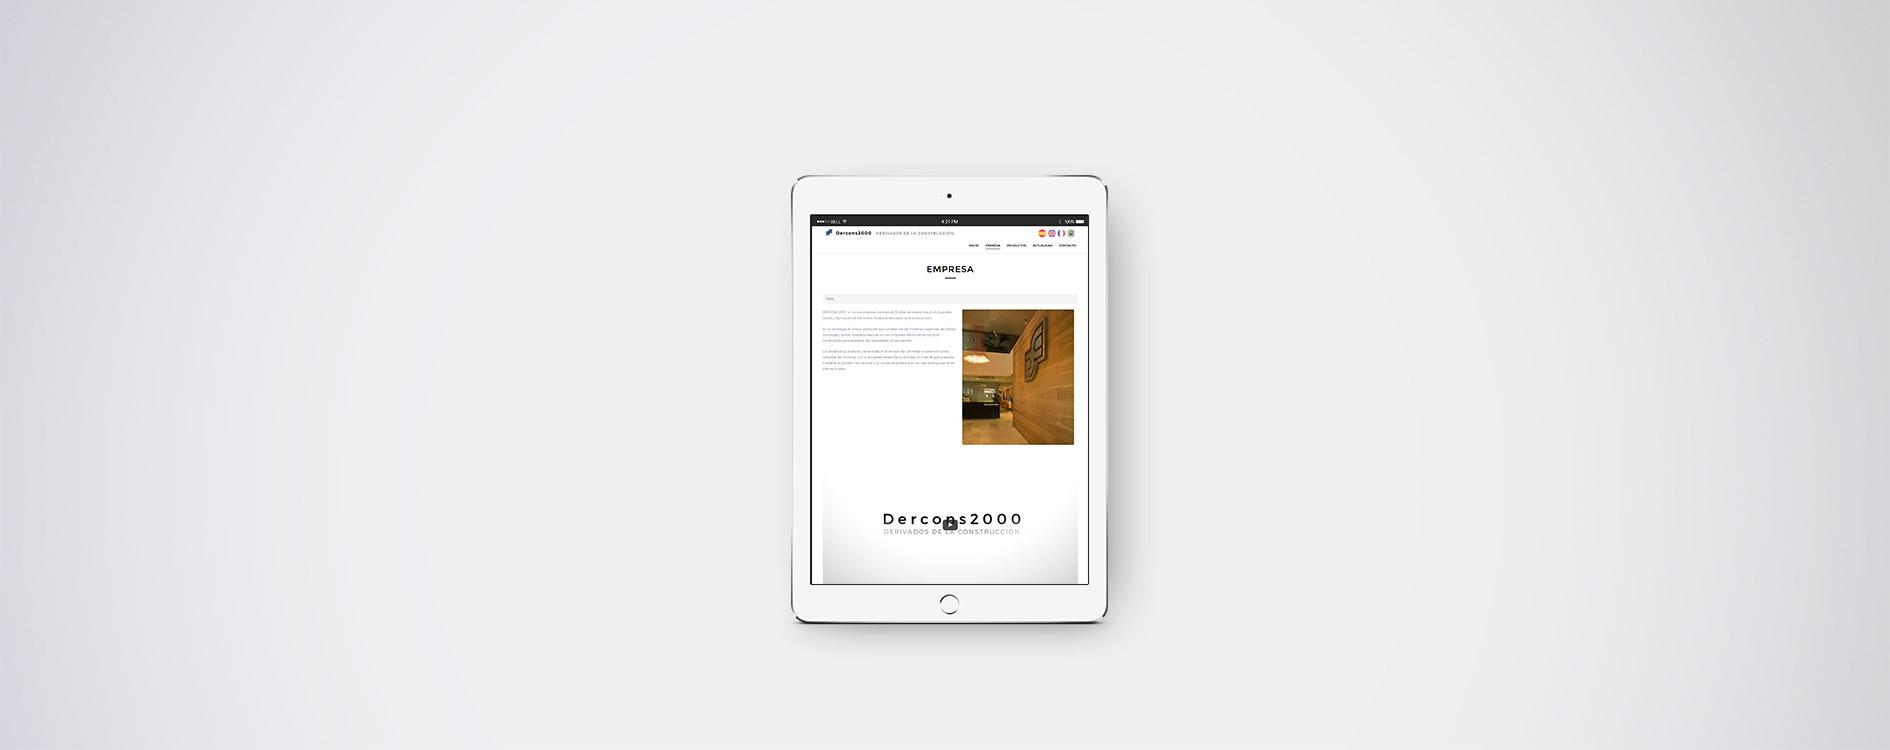 Dercons2000 - Tablet